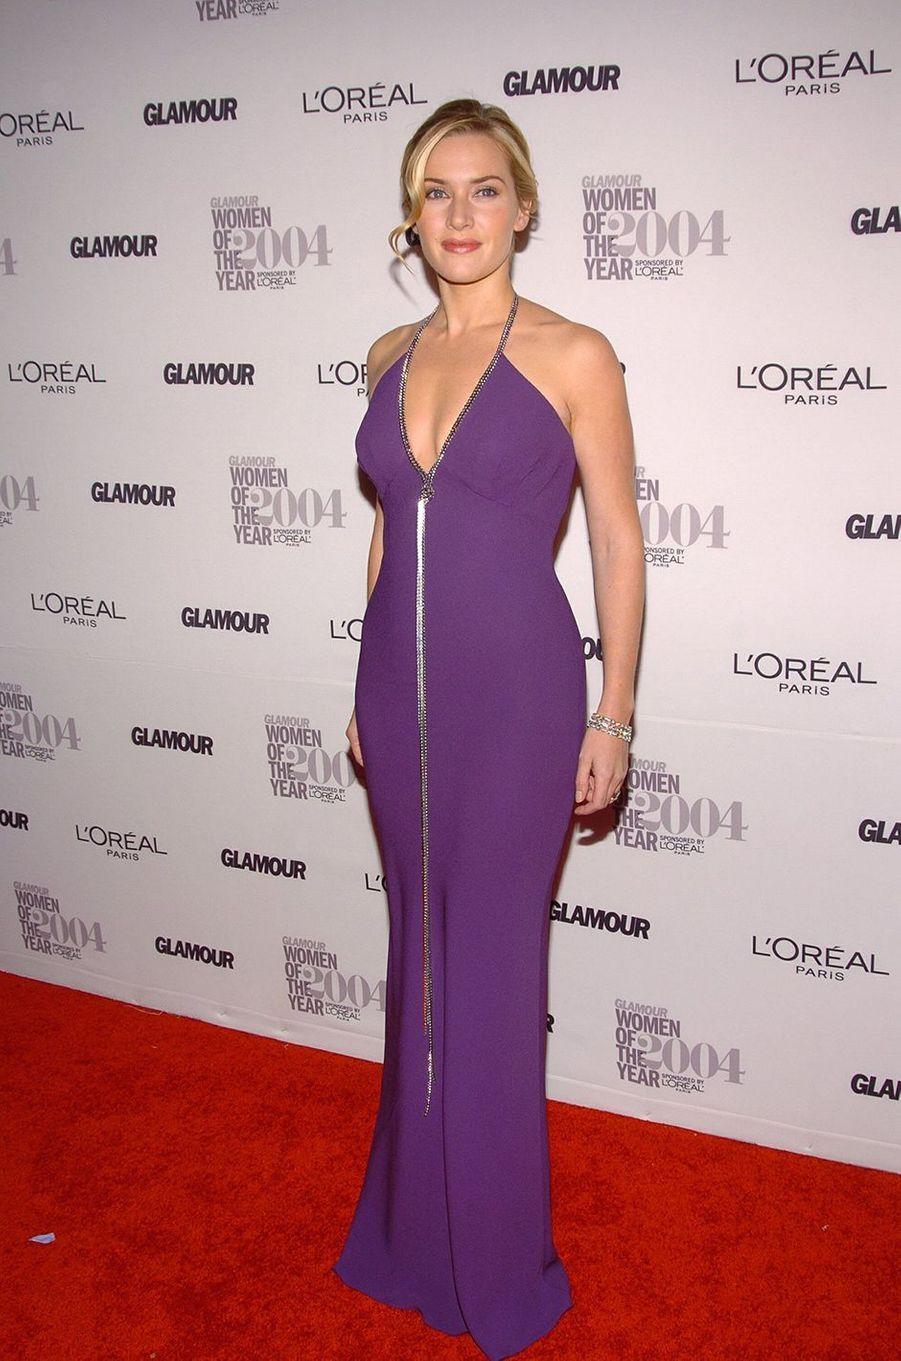 Kate Winslet lors d'une soirée organisée par le magazine «Glamour» à New York en novembre 2004